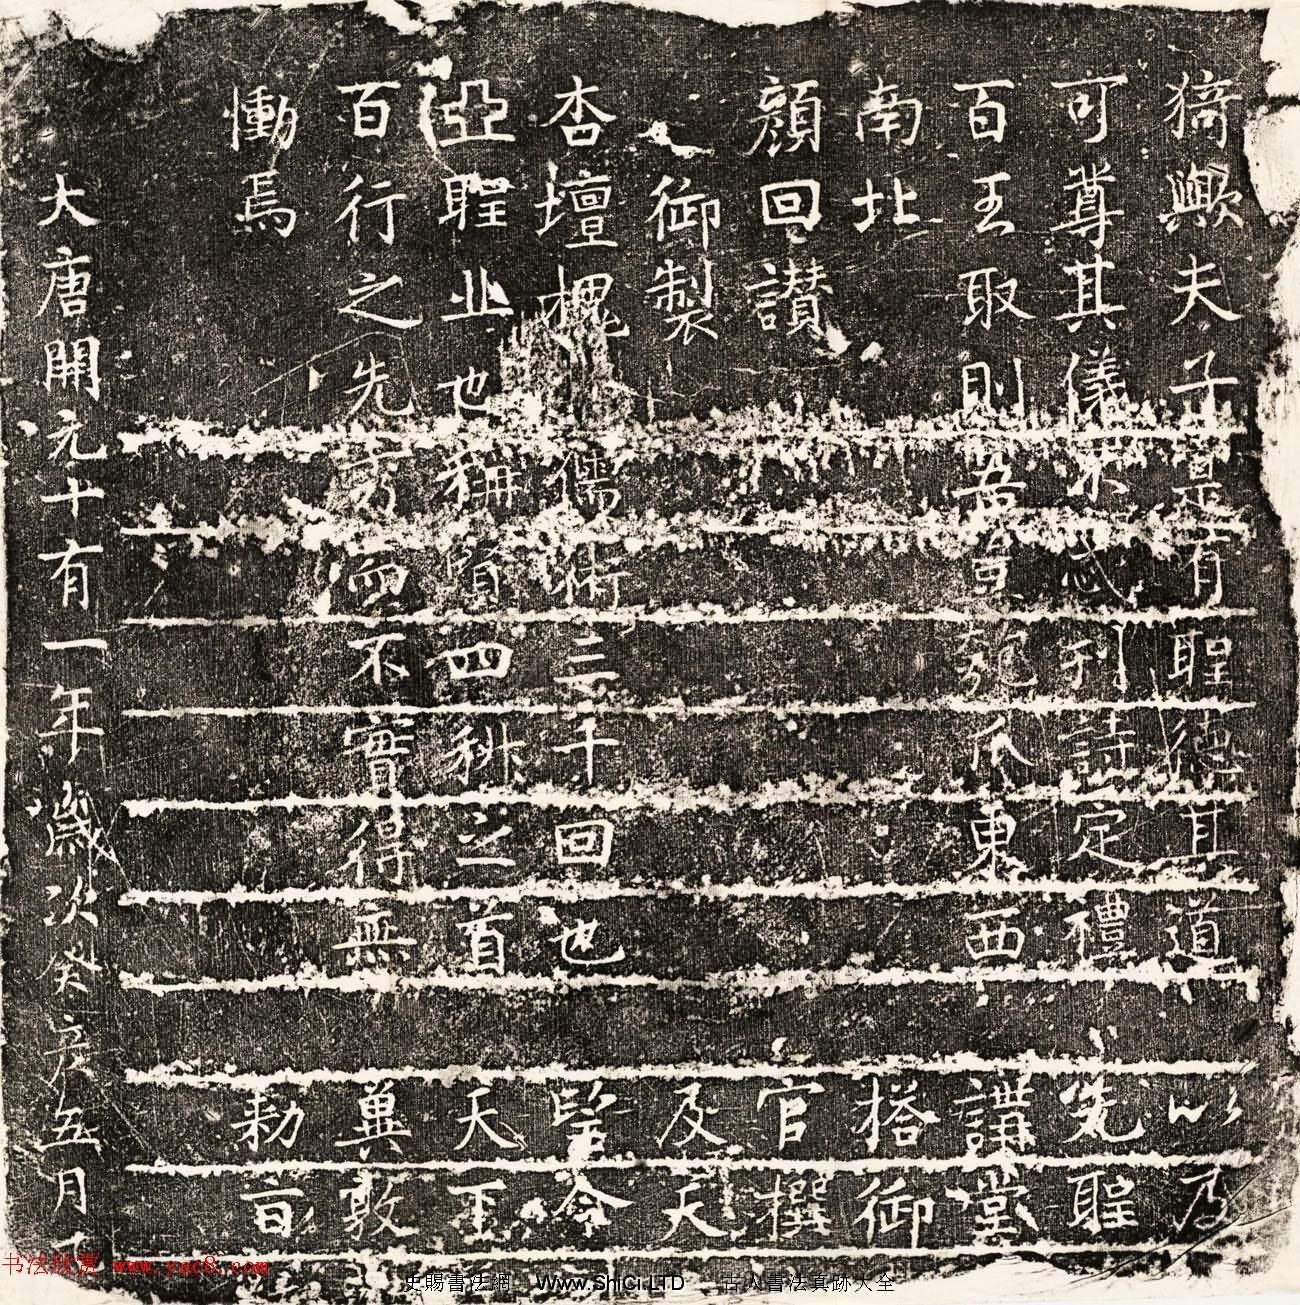 唐睿宗李旦撰並書《孔子顏子贊殘刻》